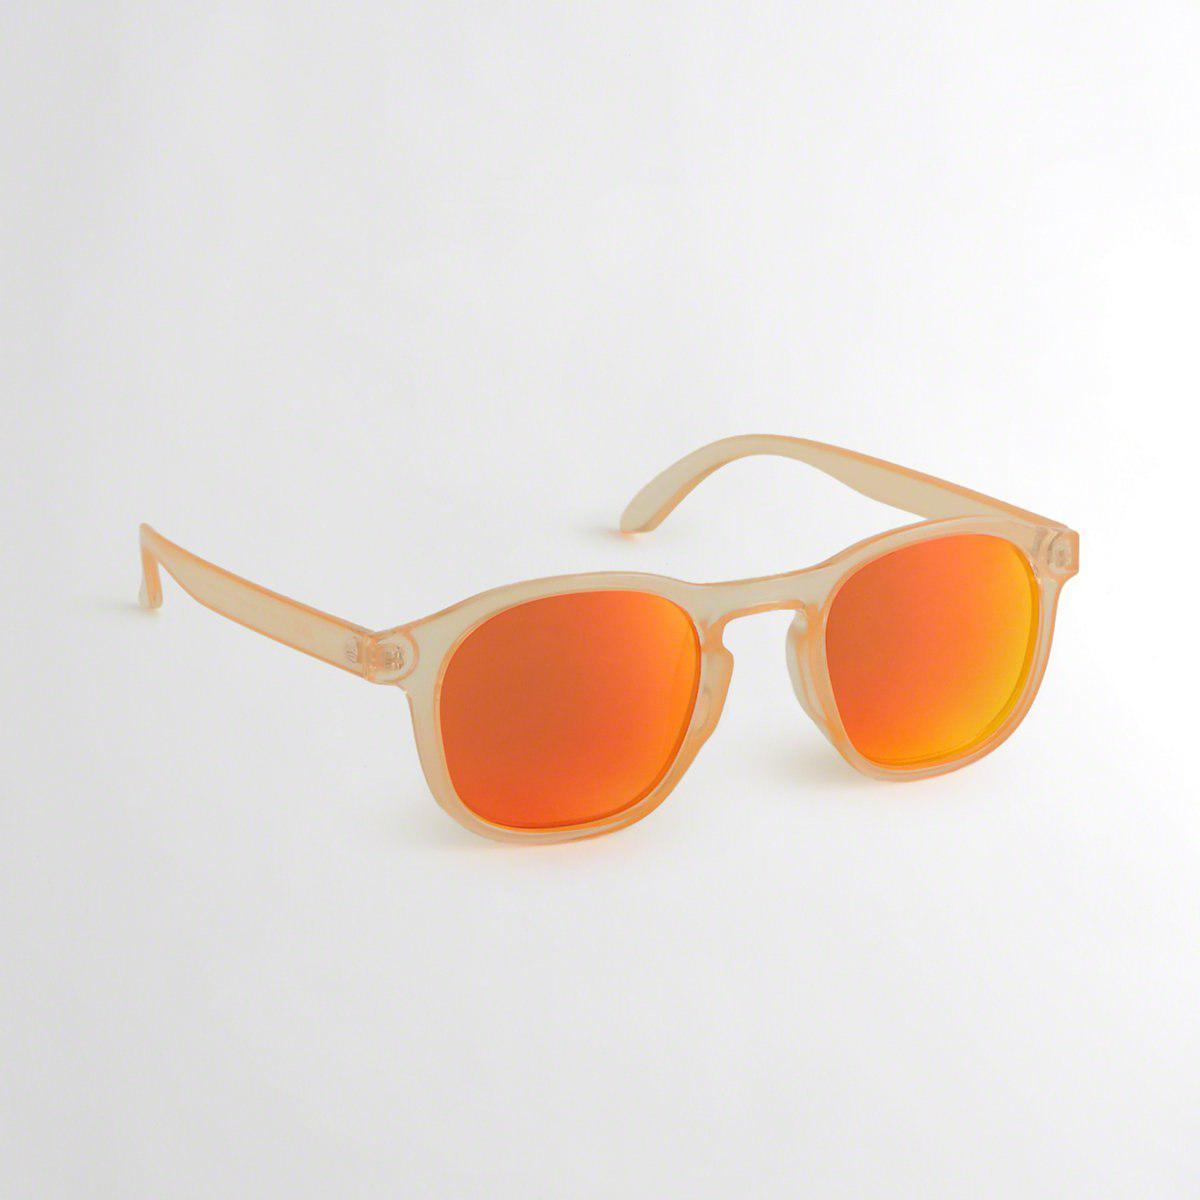 2b906b0475 Hollister Guys Sunski Foothill Sunglasses From Hollister in Orange ...